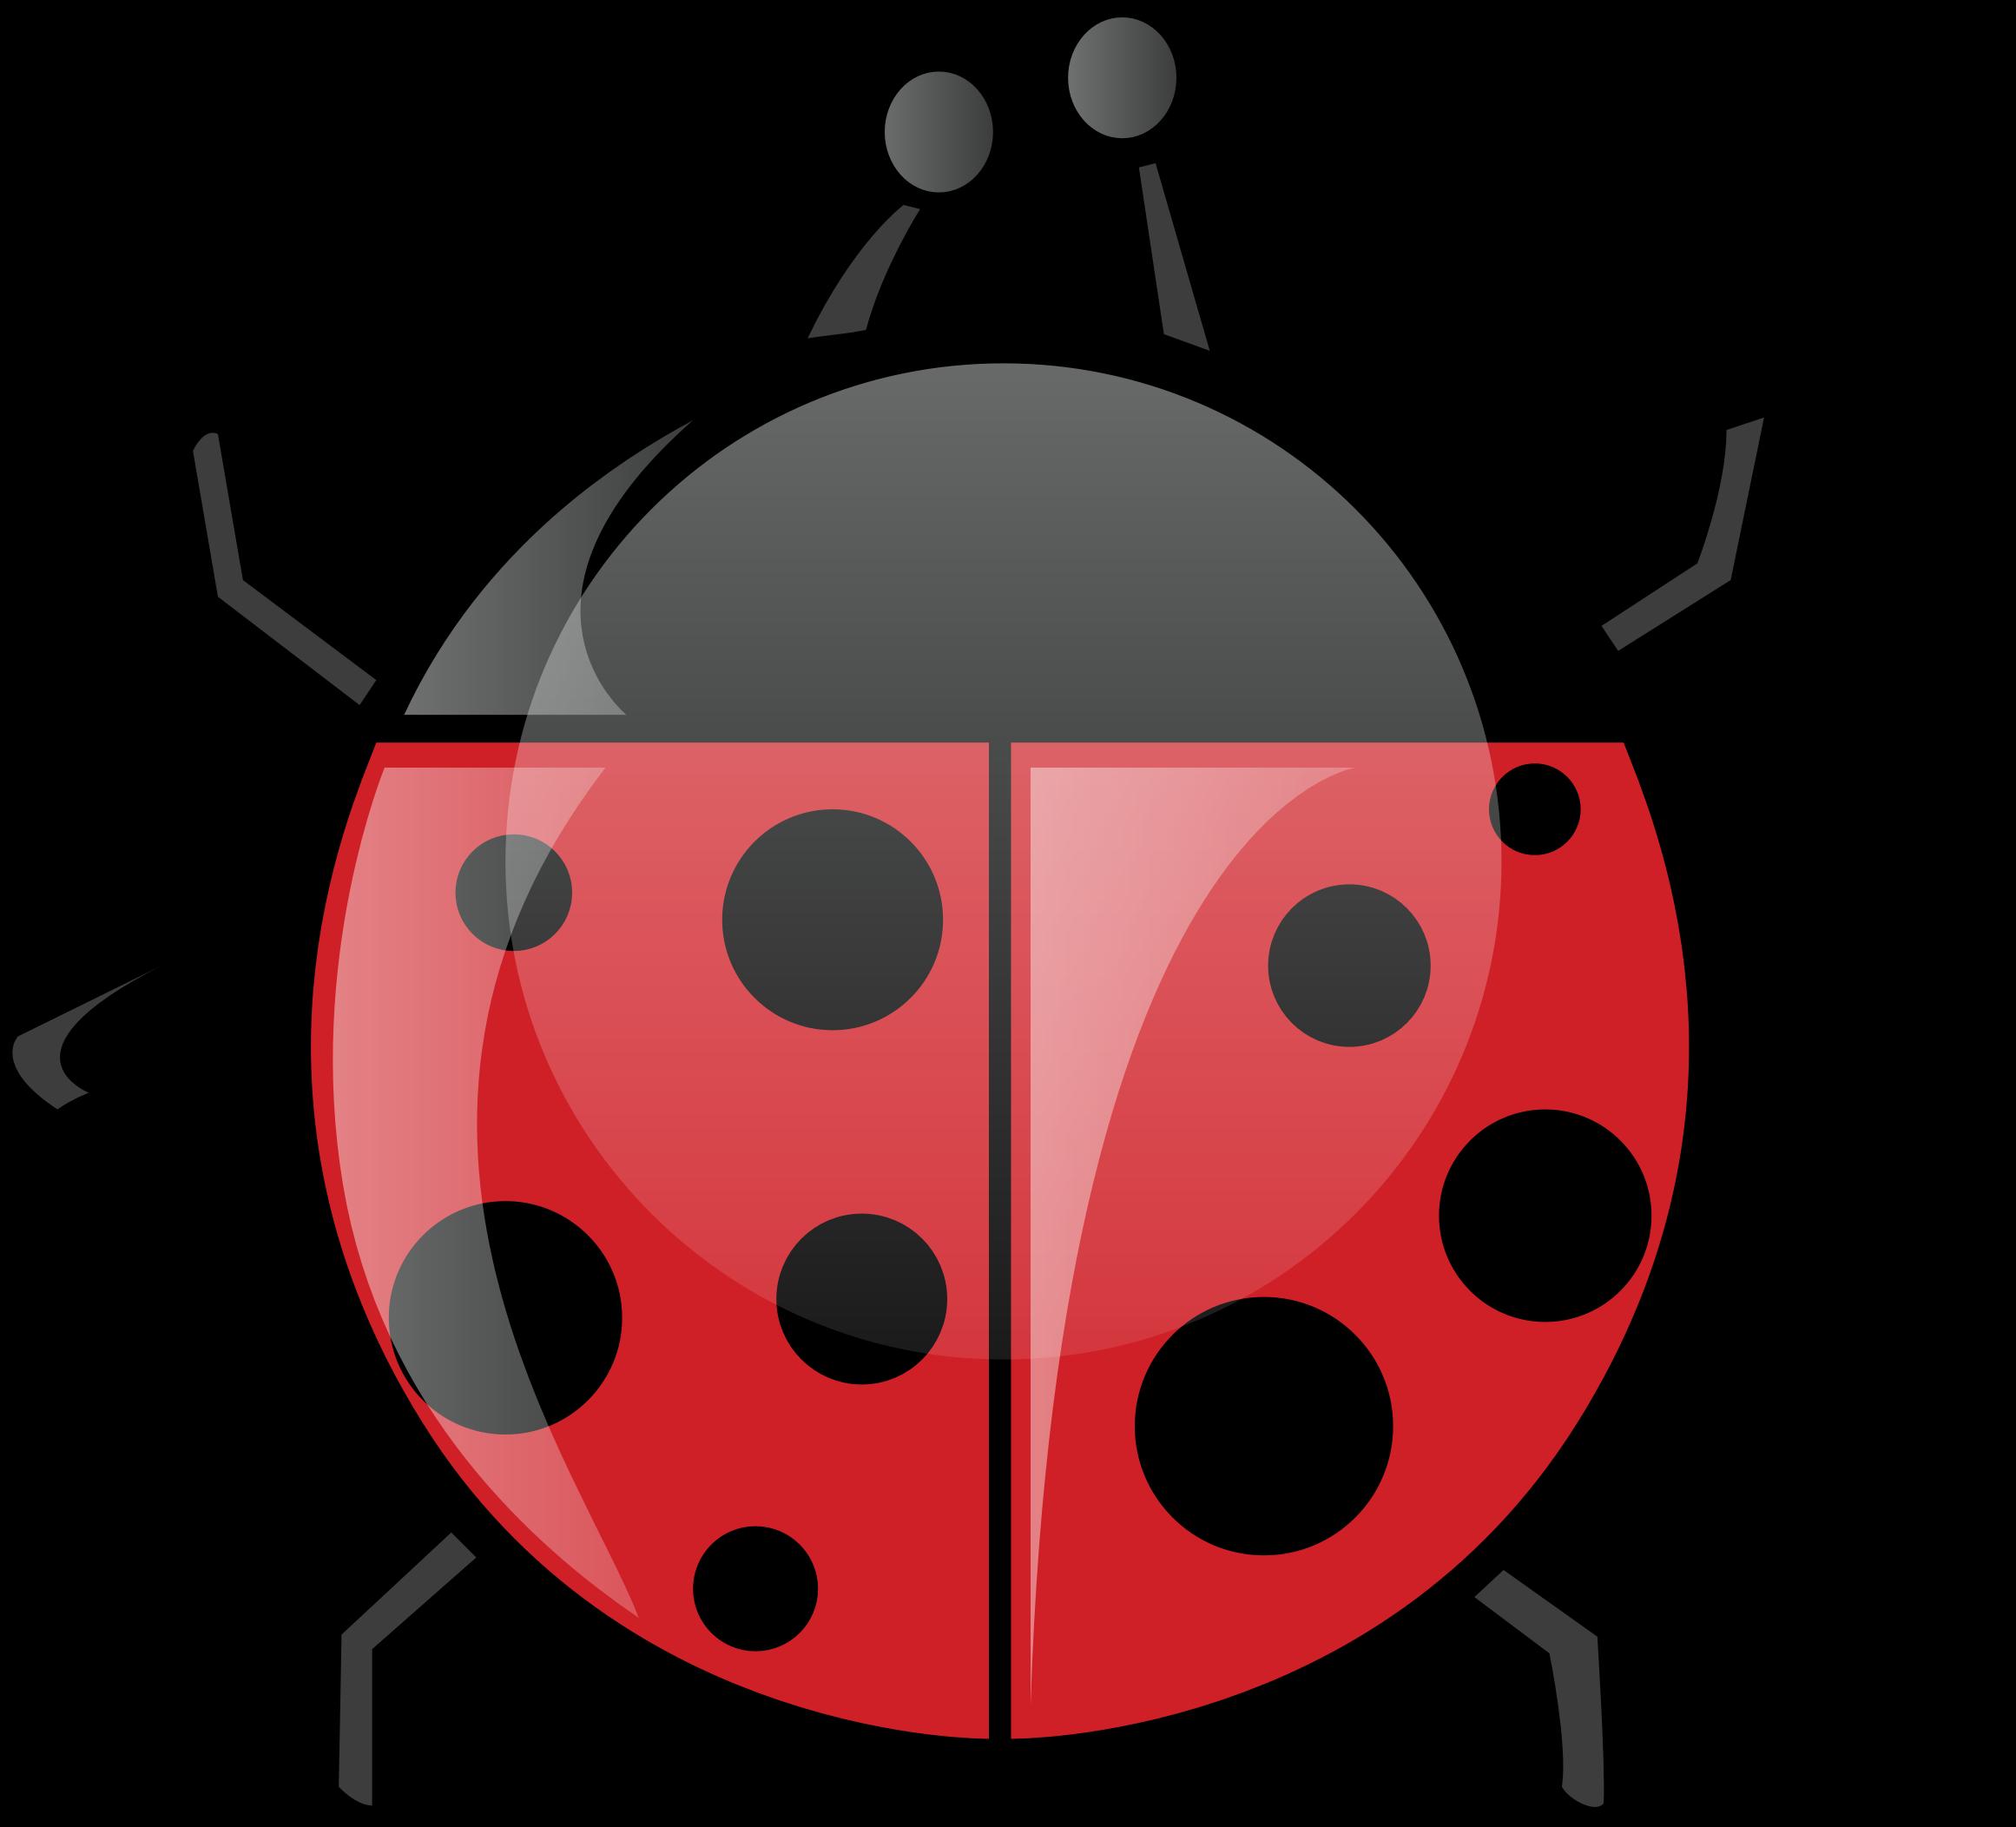 Spring ladybug. Ladybugs clipart transparent free